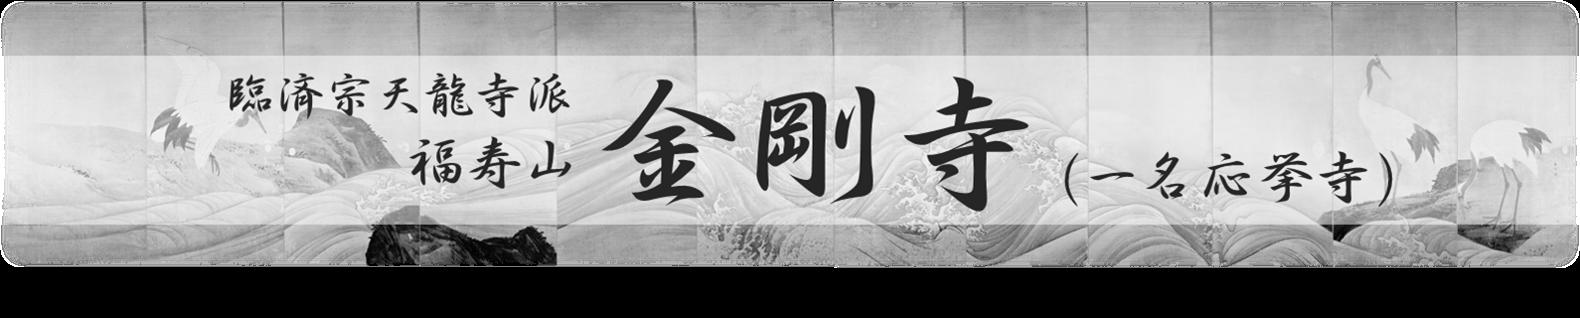 臨済宗天龍寺派 福寿山金剛寺(一名応挙寺)